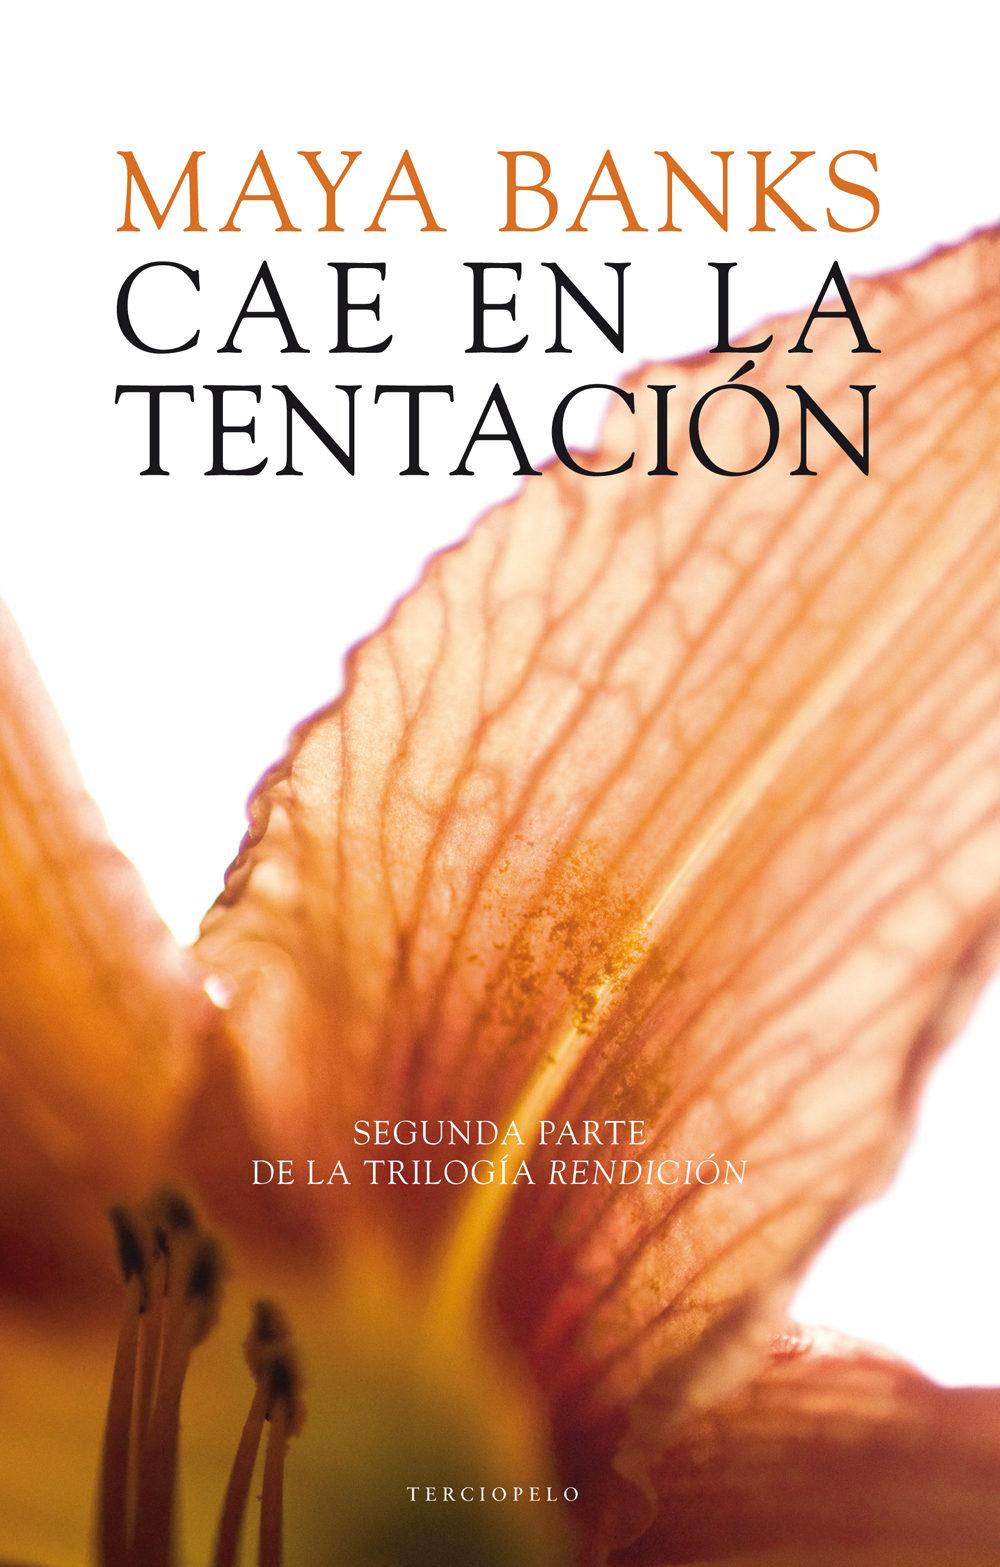 cae en la tentacion. rendicion ii-maya banks-9788415952282  sc 1 st  Casa del Libro & CAE EN LA TENTACION. RENDICION II | MAYA BANKS | Comprar libro ...